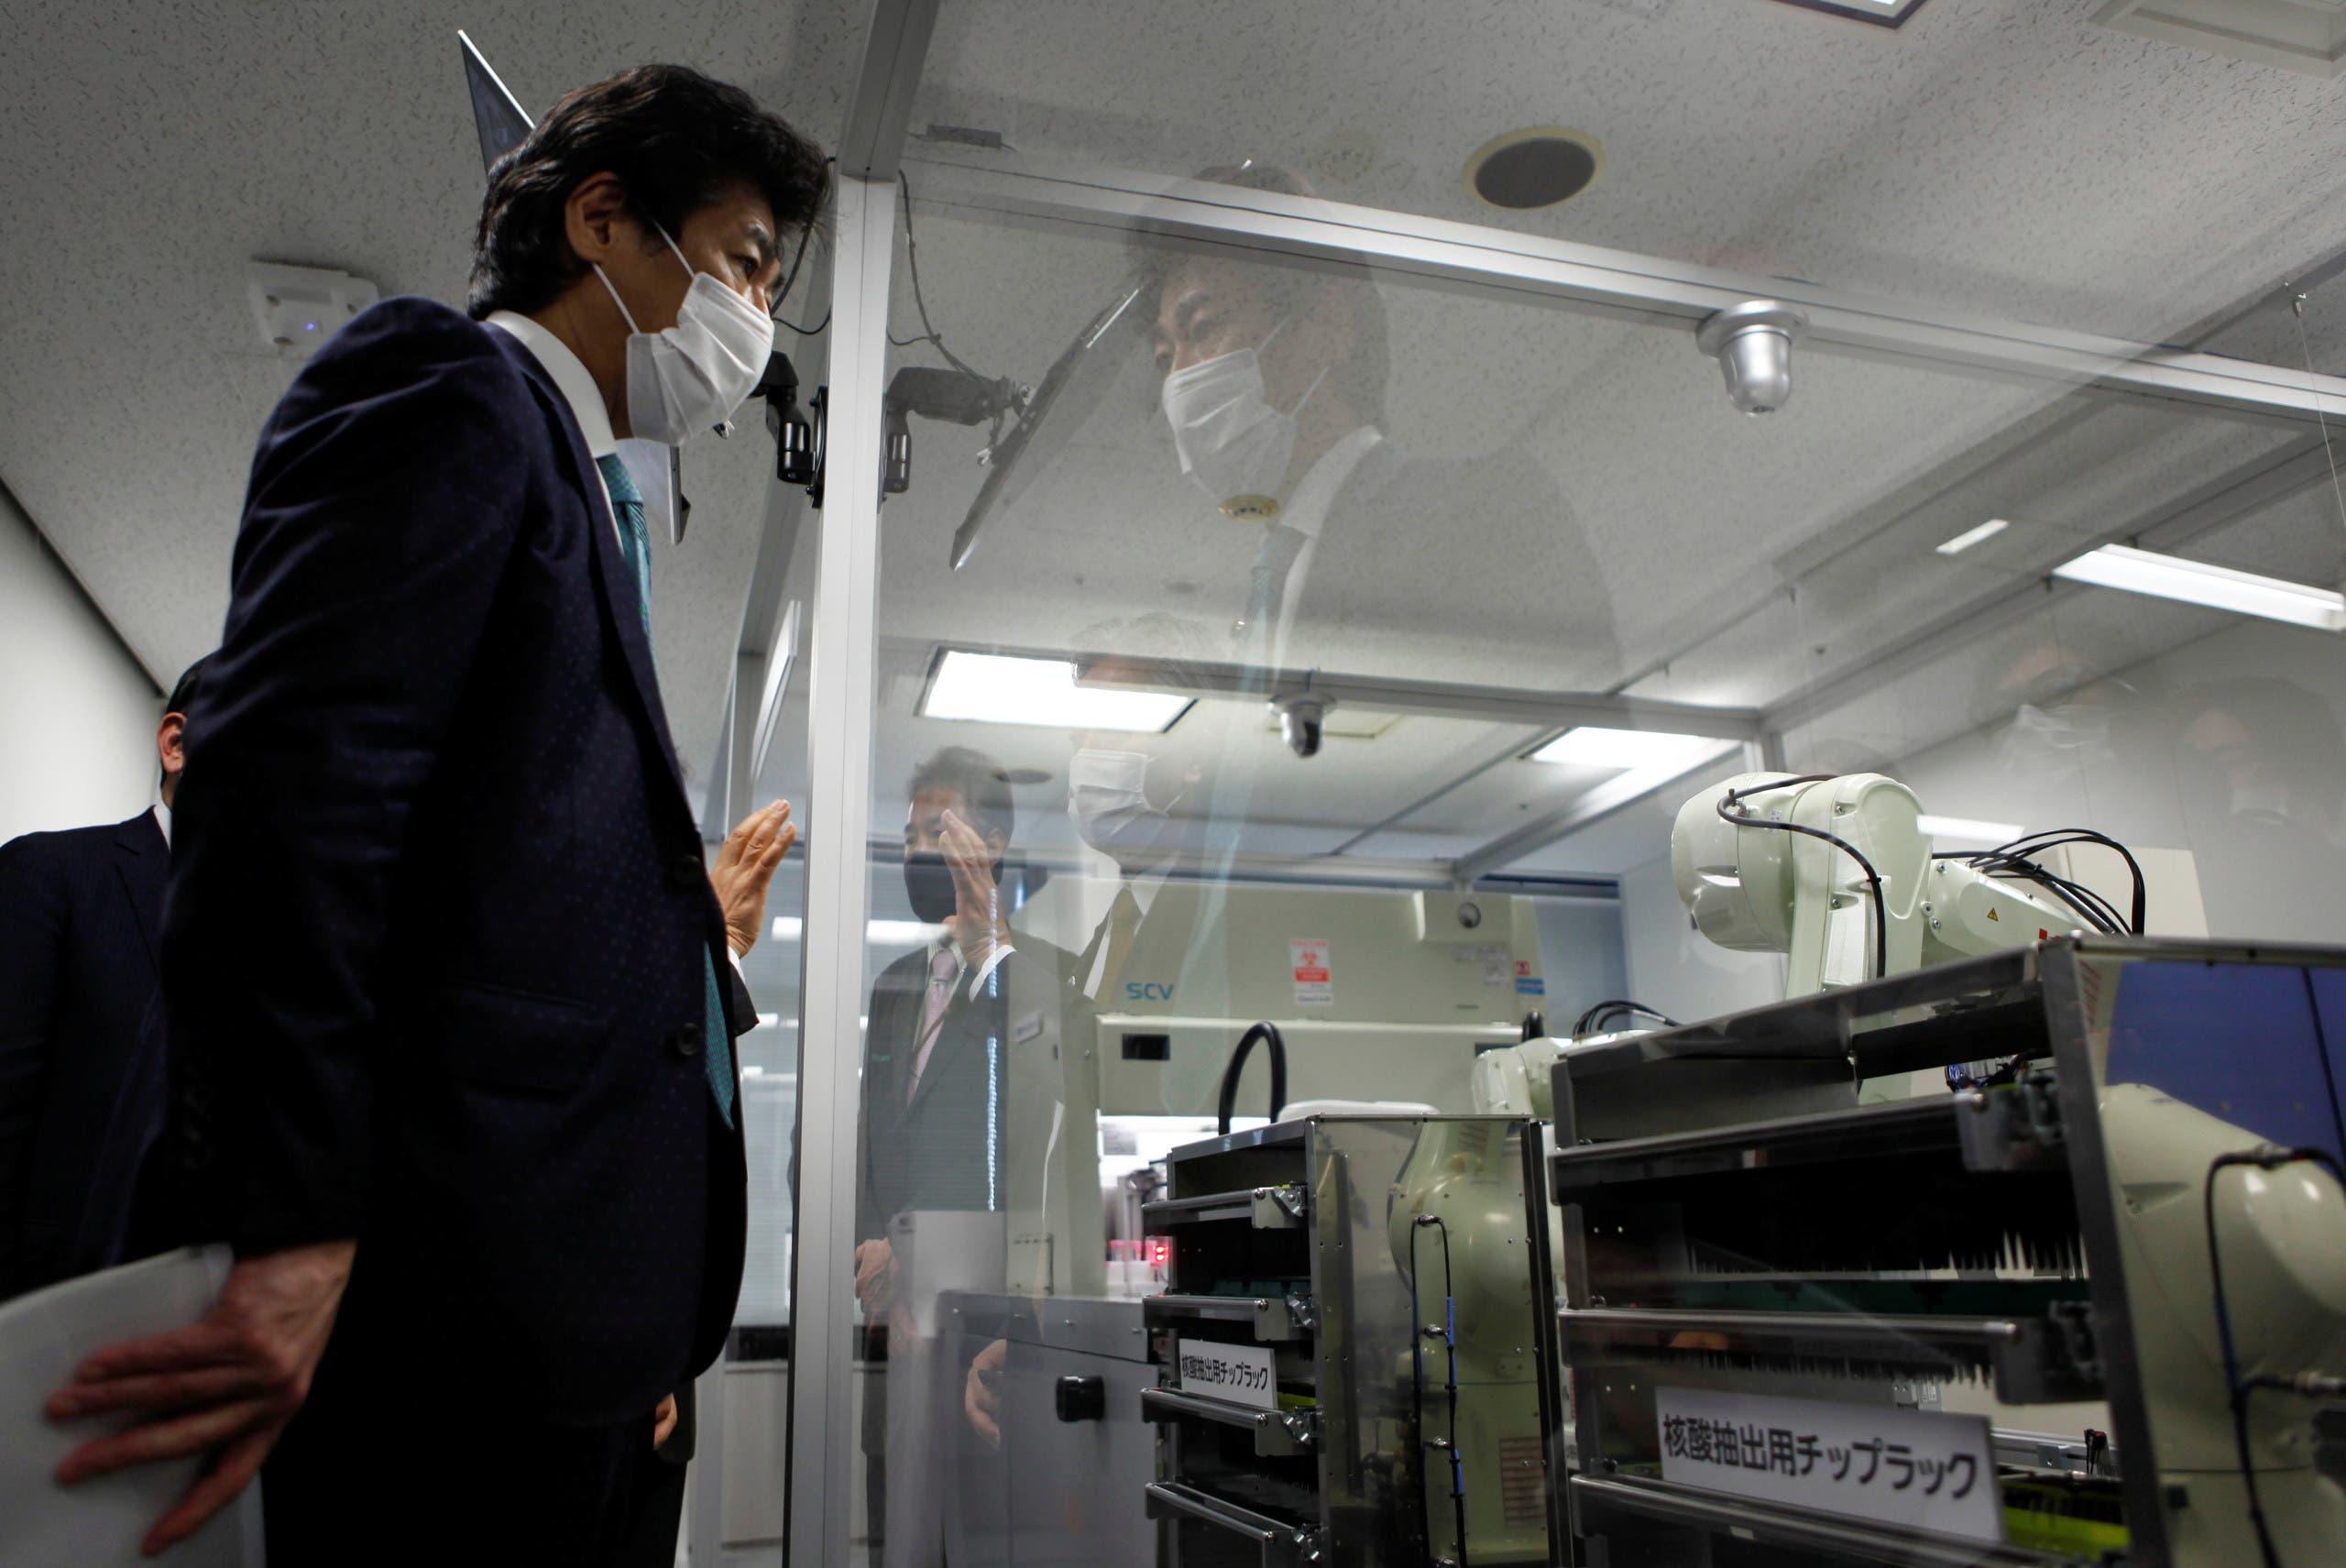 وزير الصحة الياباني نوريهيسا تامورا يعاين الروبوت الجديد